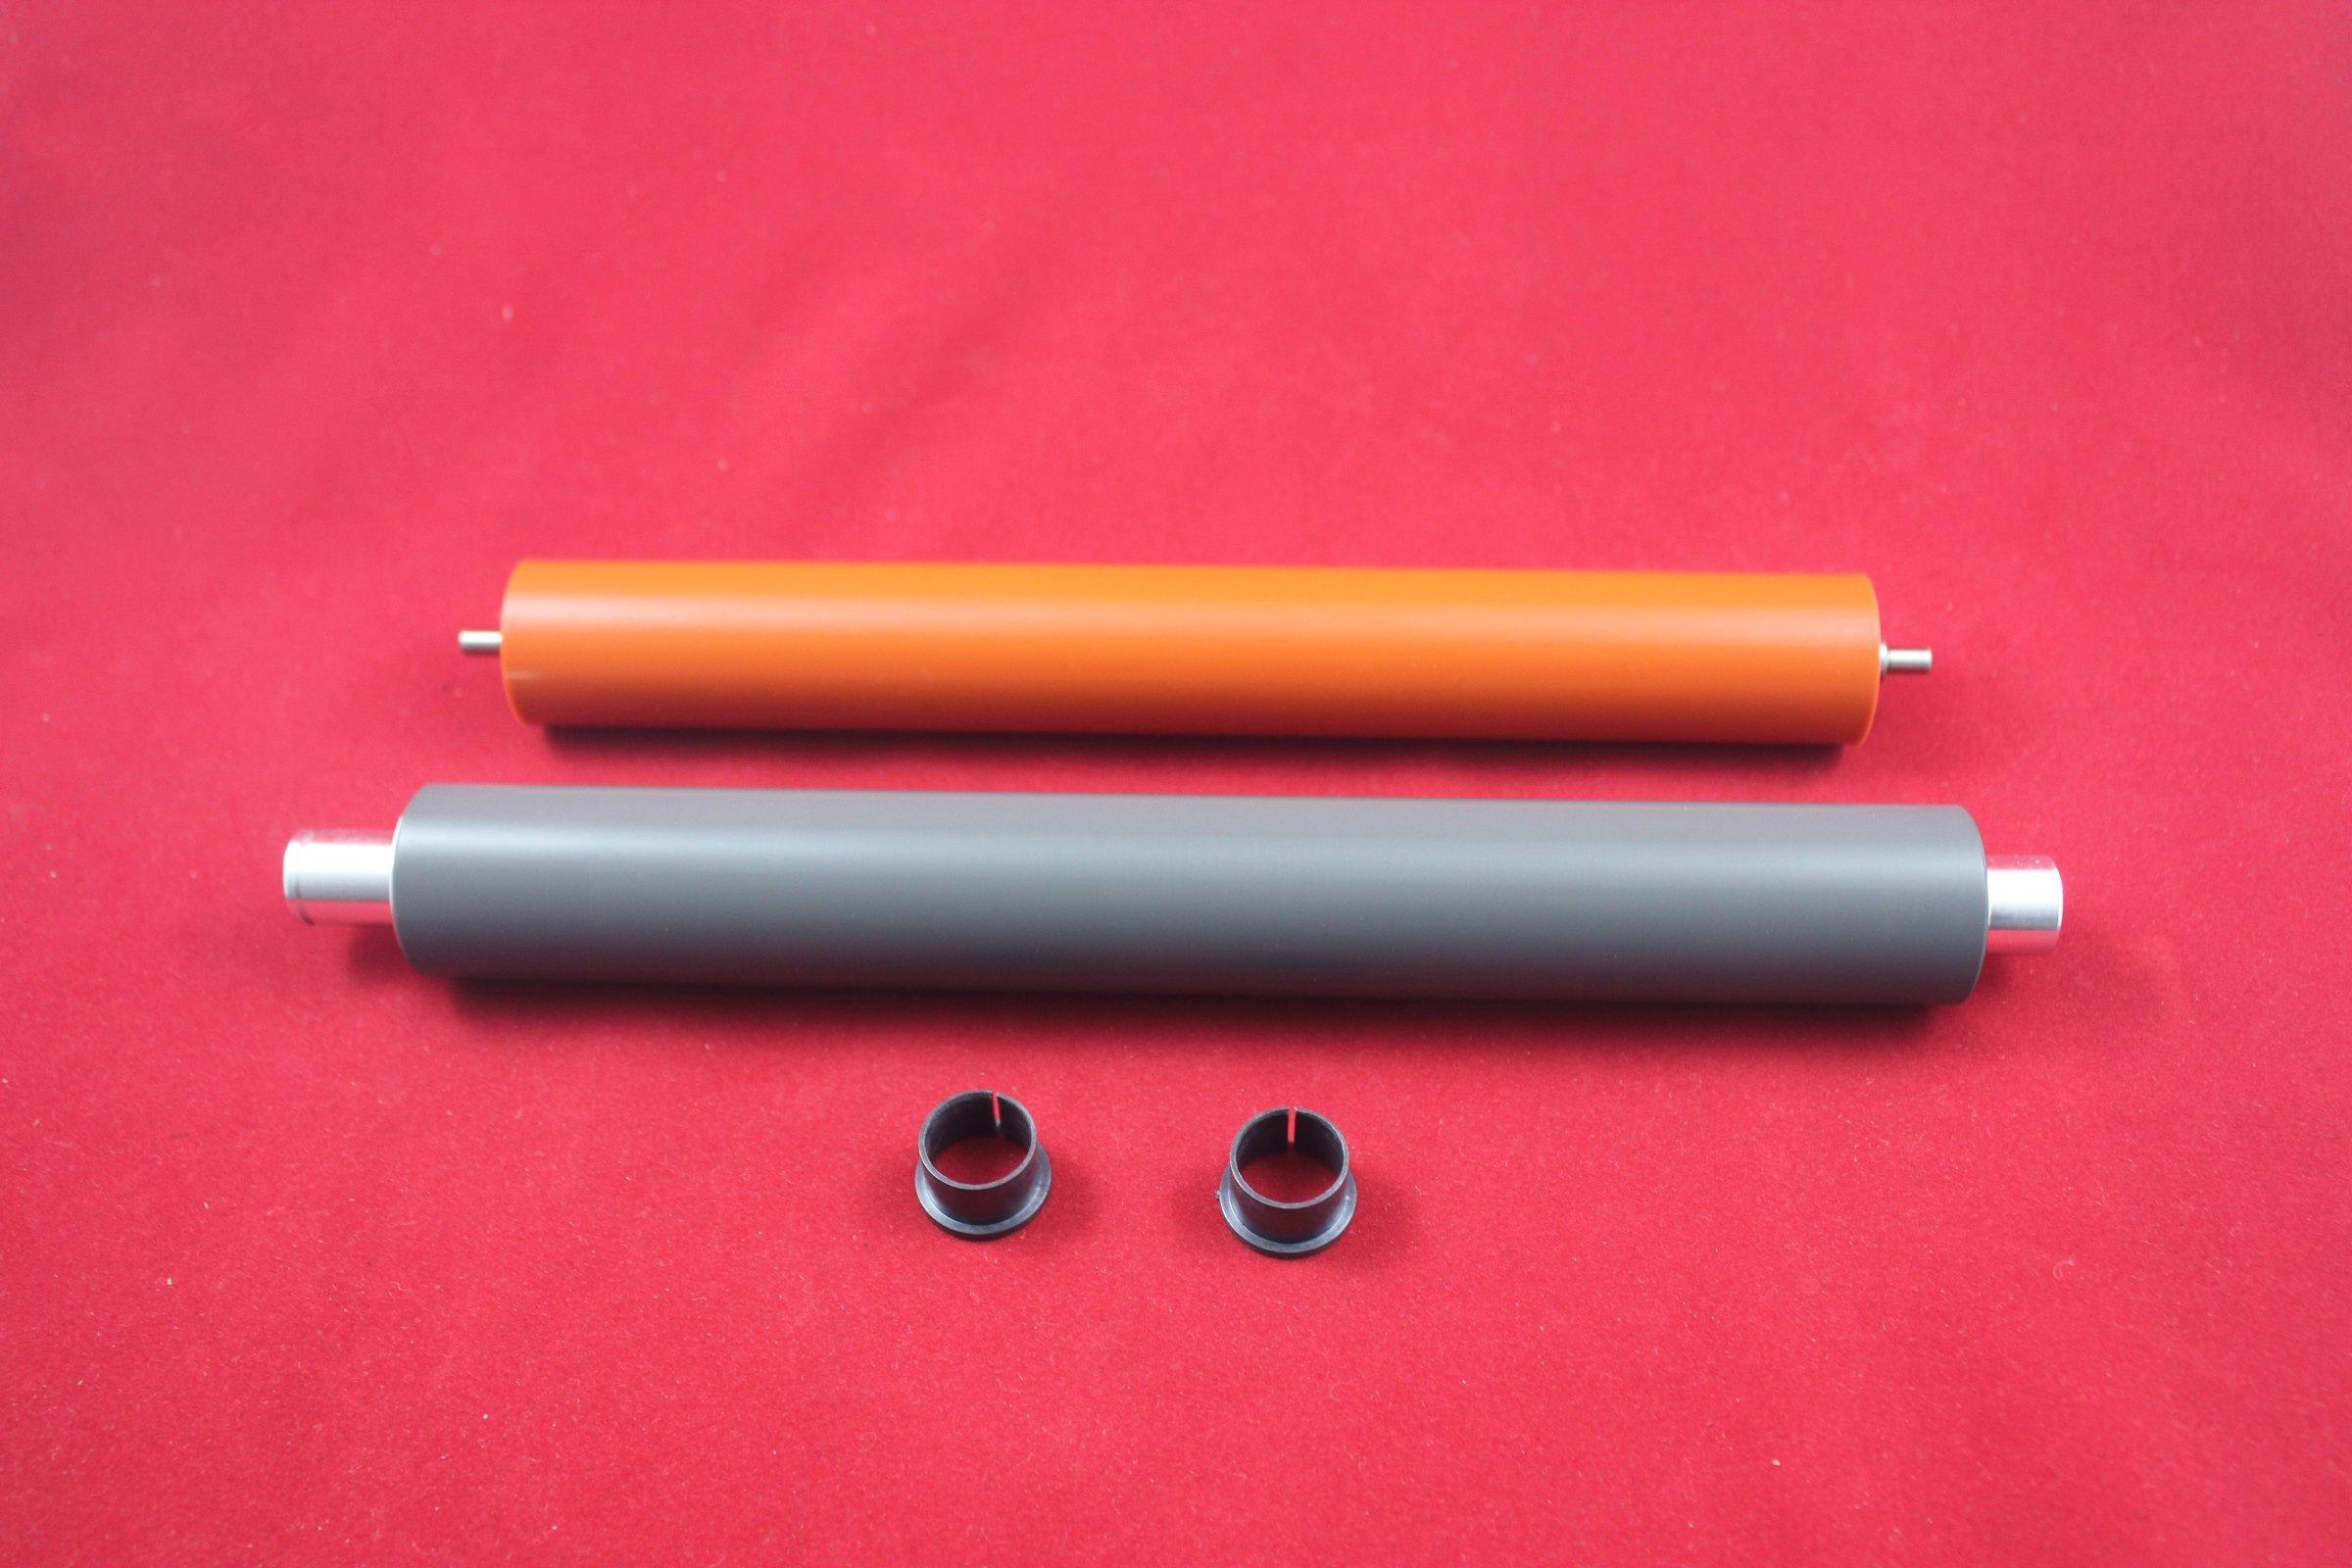 Fuser Service Kit for Lexmark T630 T640 T642 T644 T652 T654 T650 by donparts (Image #1)